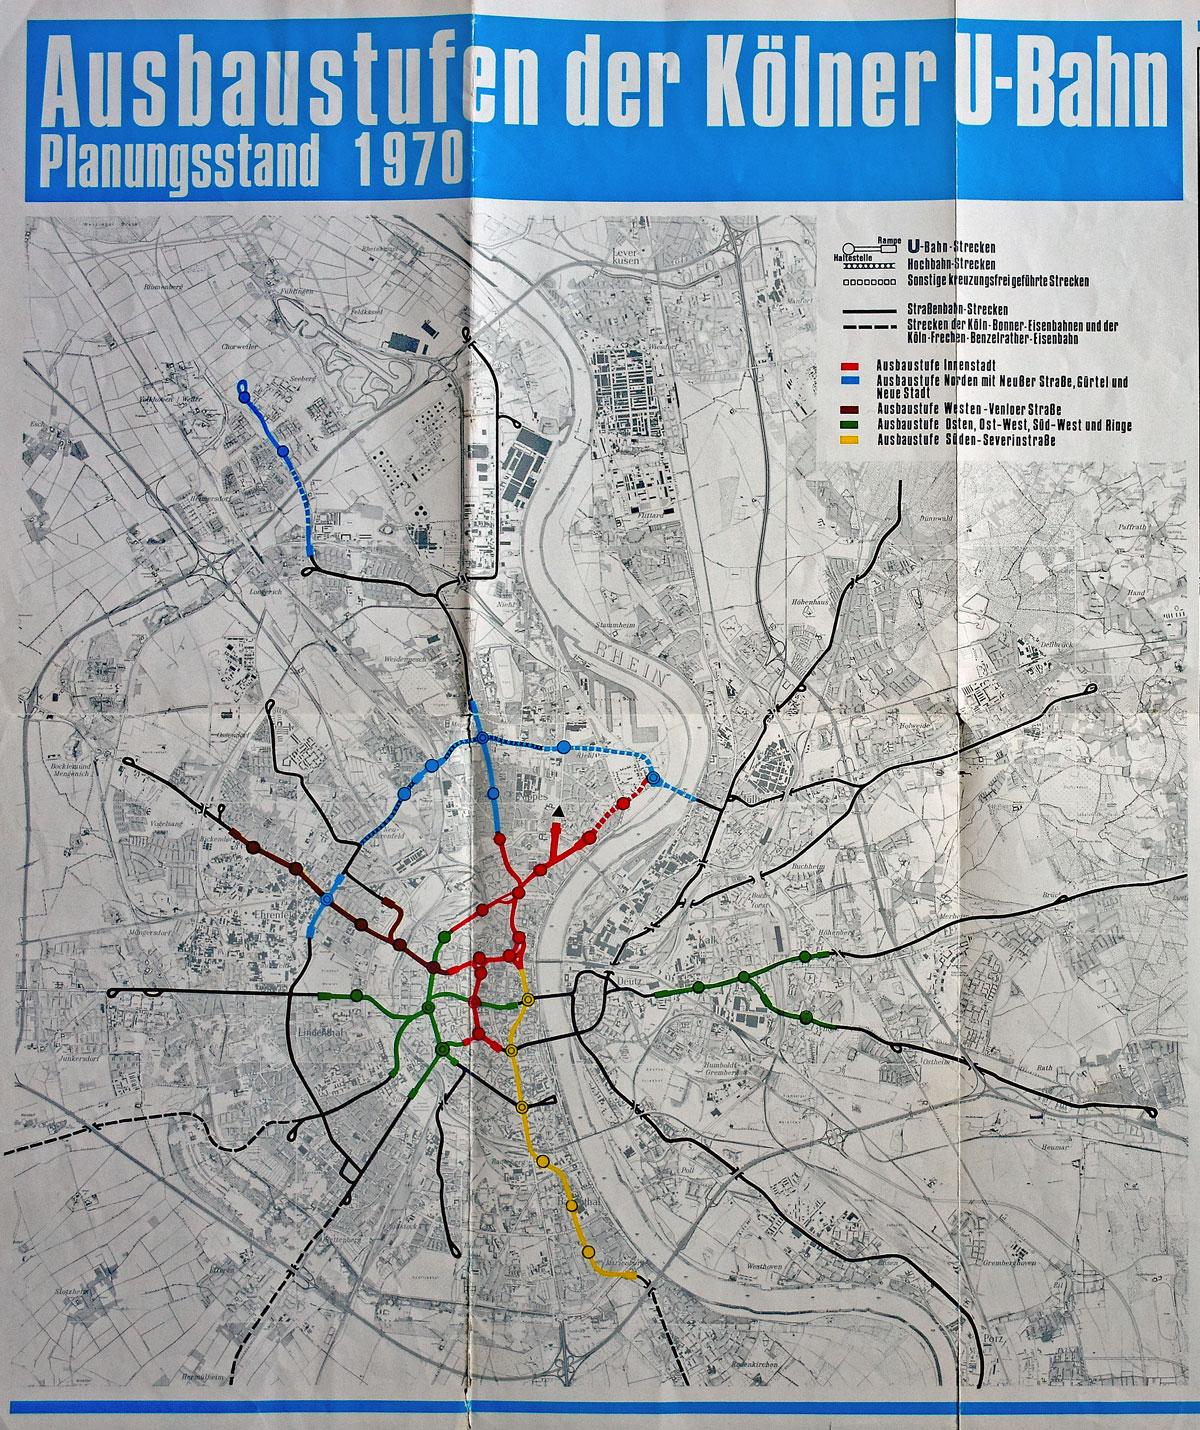 https://stadtbahn-nrw.de/Forum/U-Bahn-Koeln/U-Bahn-1970_Plan_web.jpg